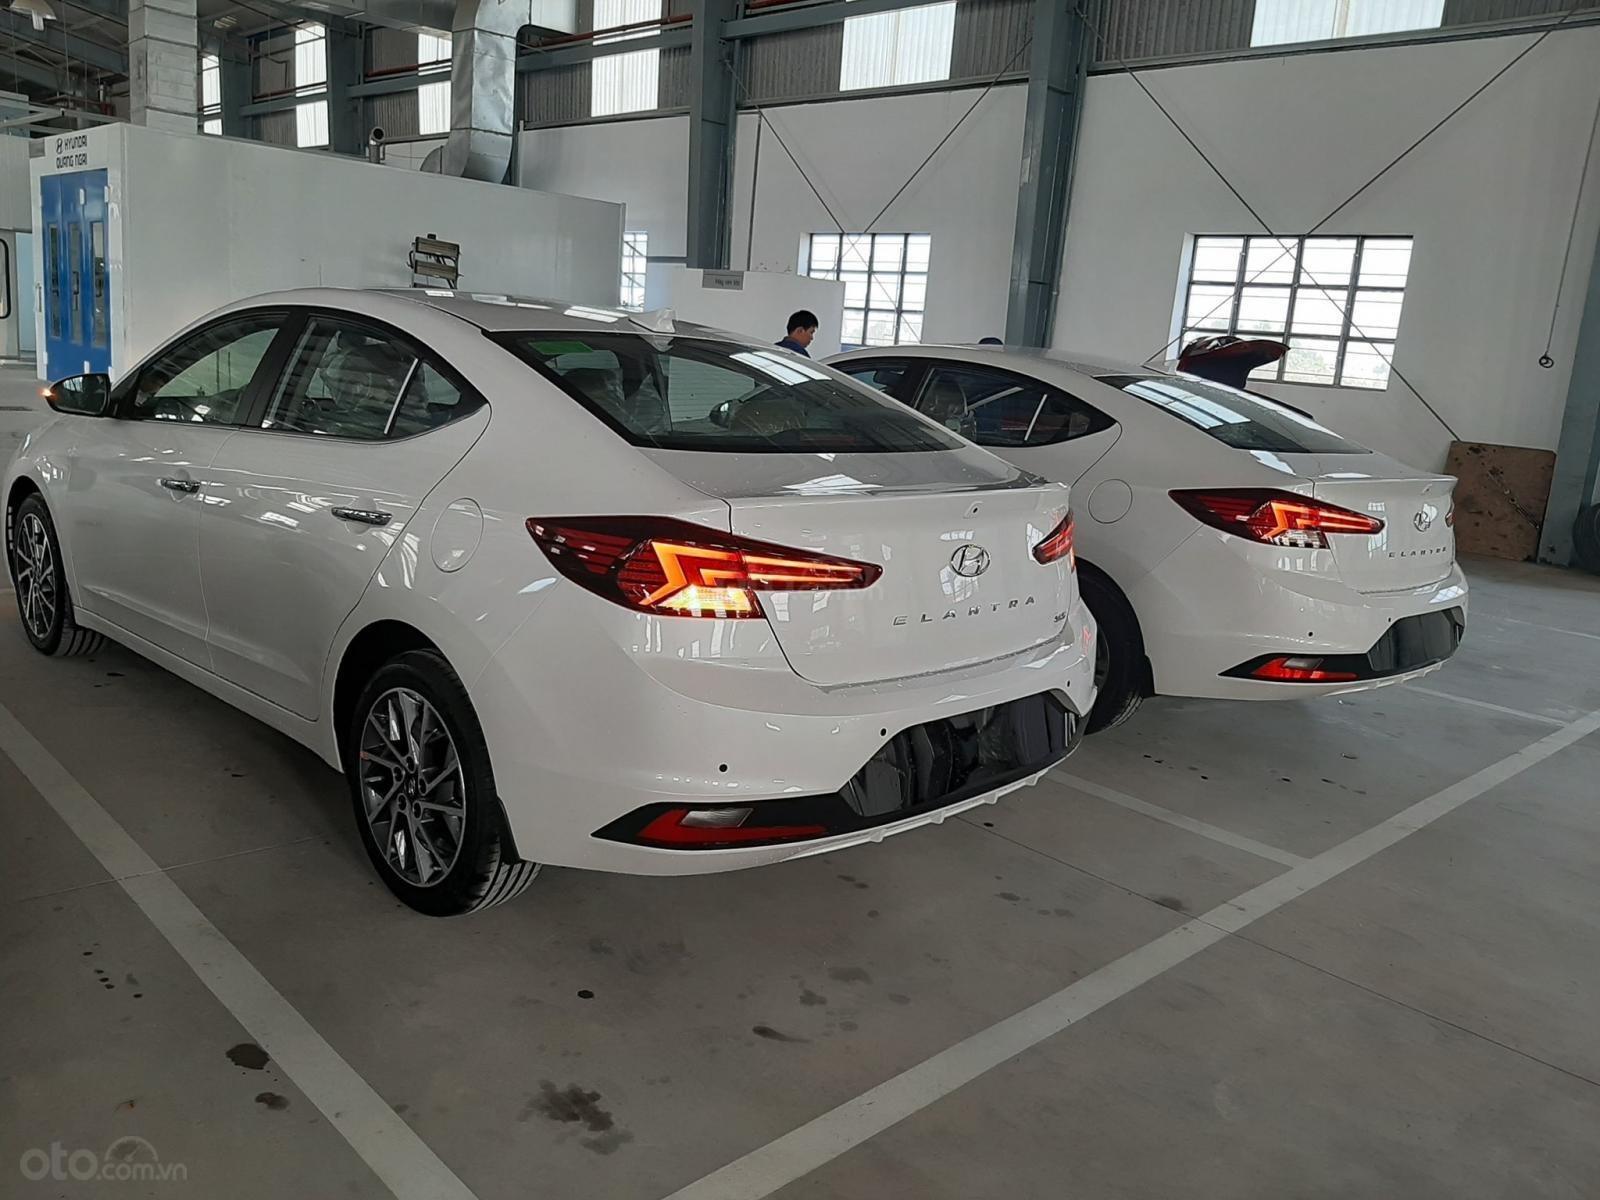 Cần bán xe Hyundai Elantra đời 2019, màu trắng, nhập khẩu-7